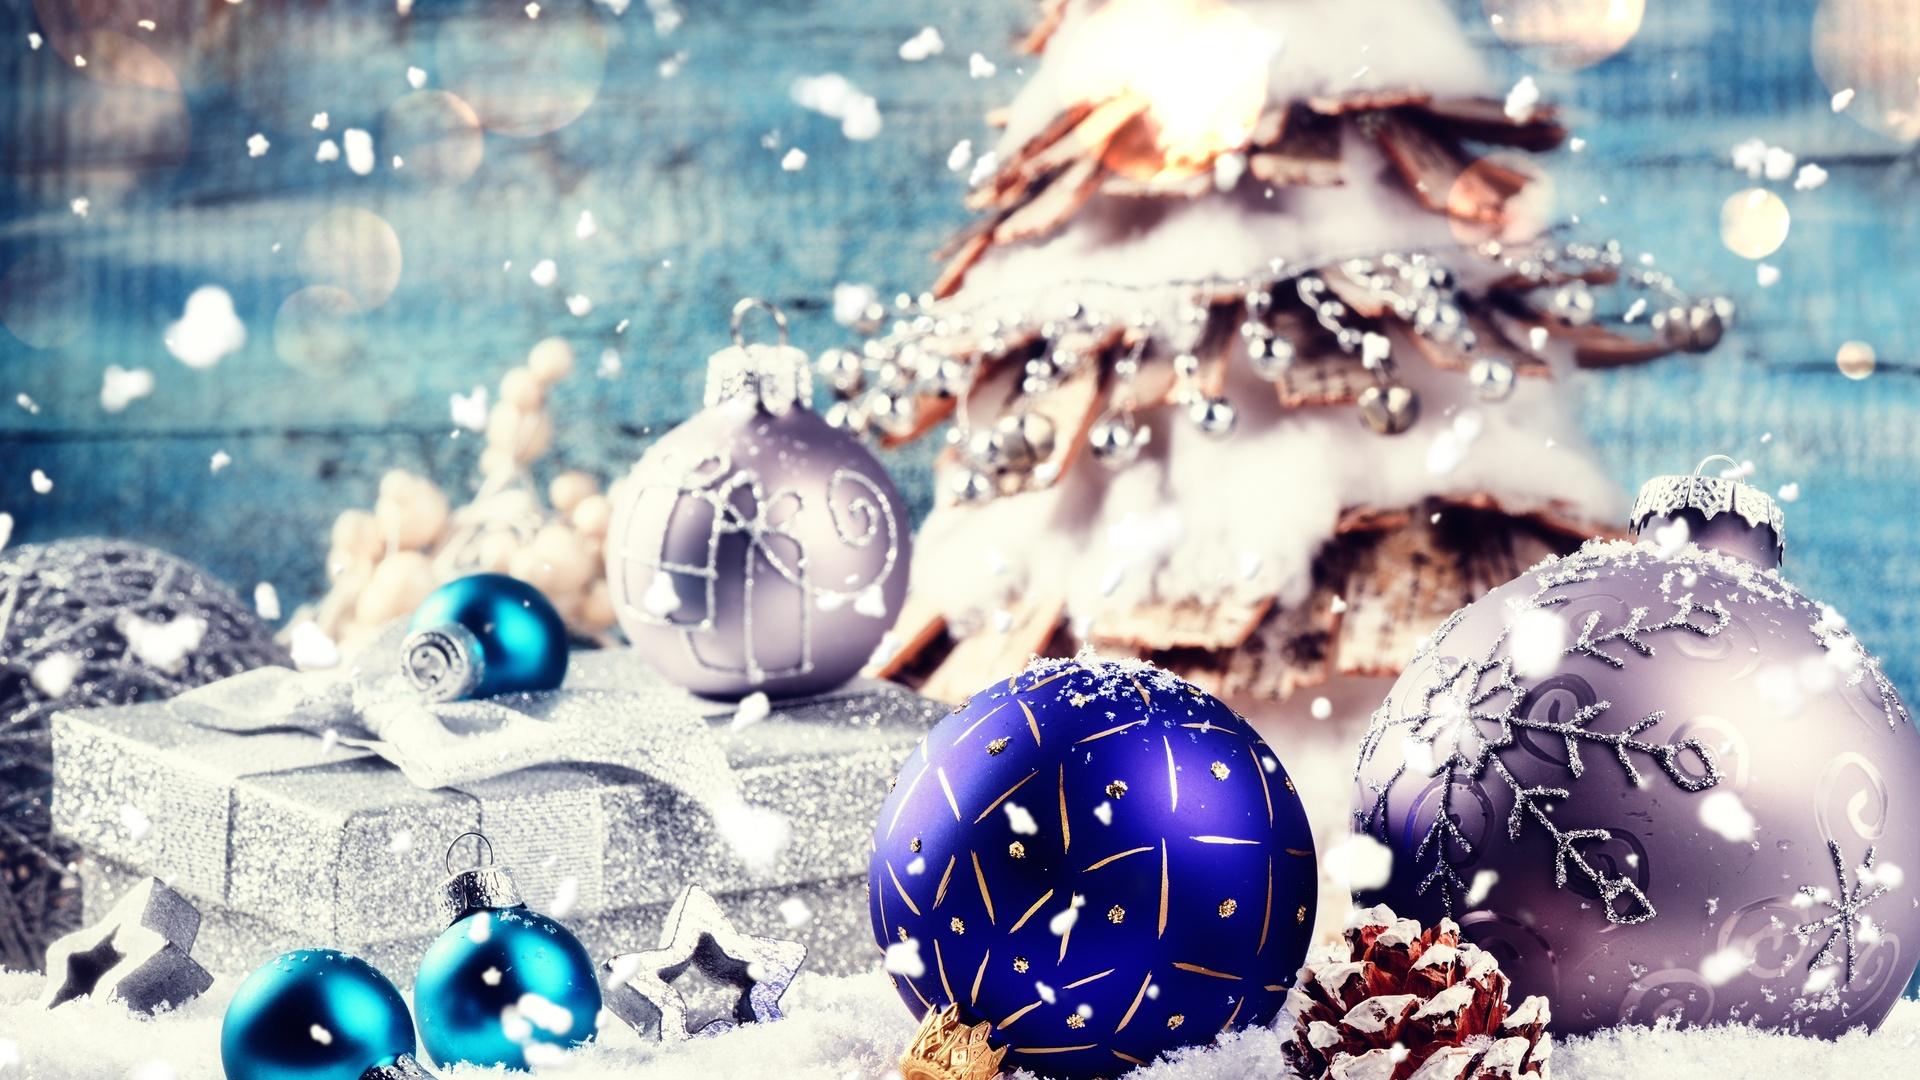 праздник, новый год, рождество, декорация, ёлка, игрушки, шары, подарок, коробка, снег, шишка, боке